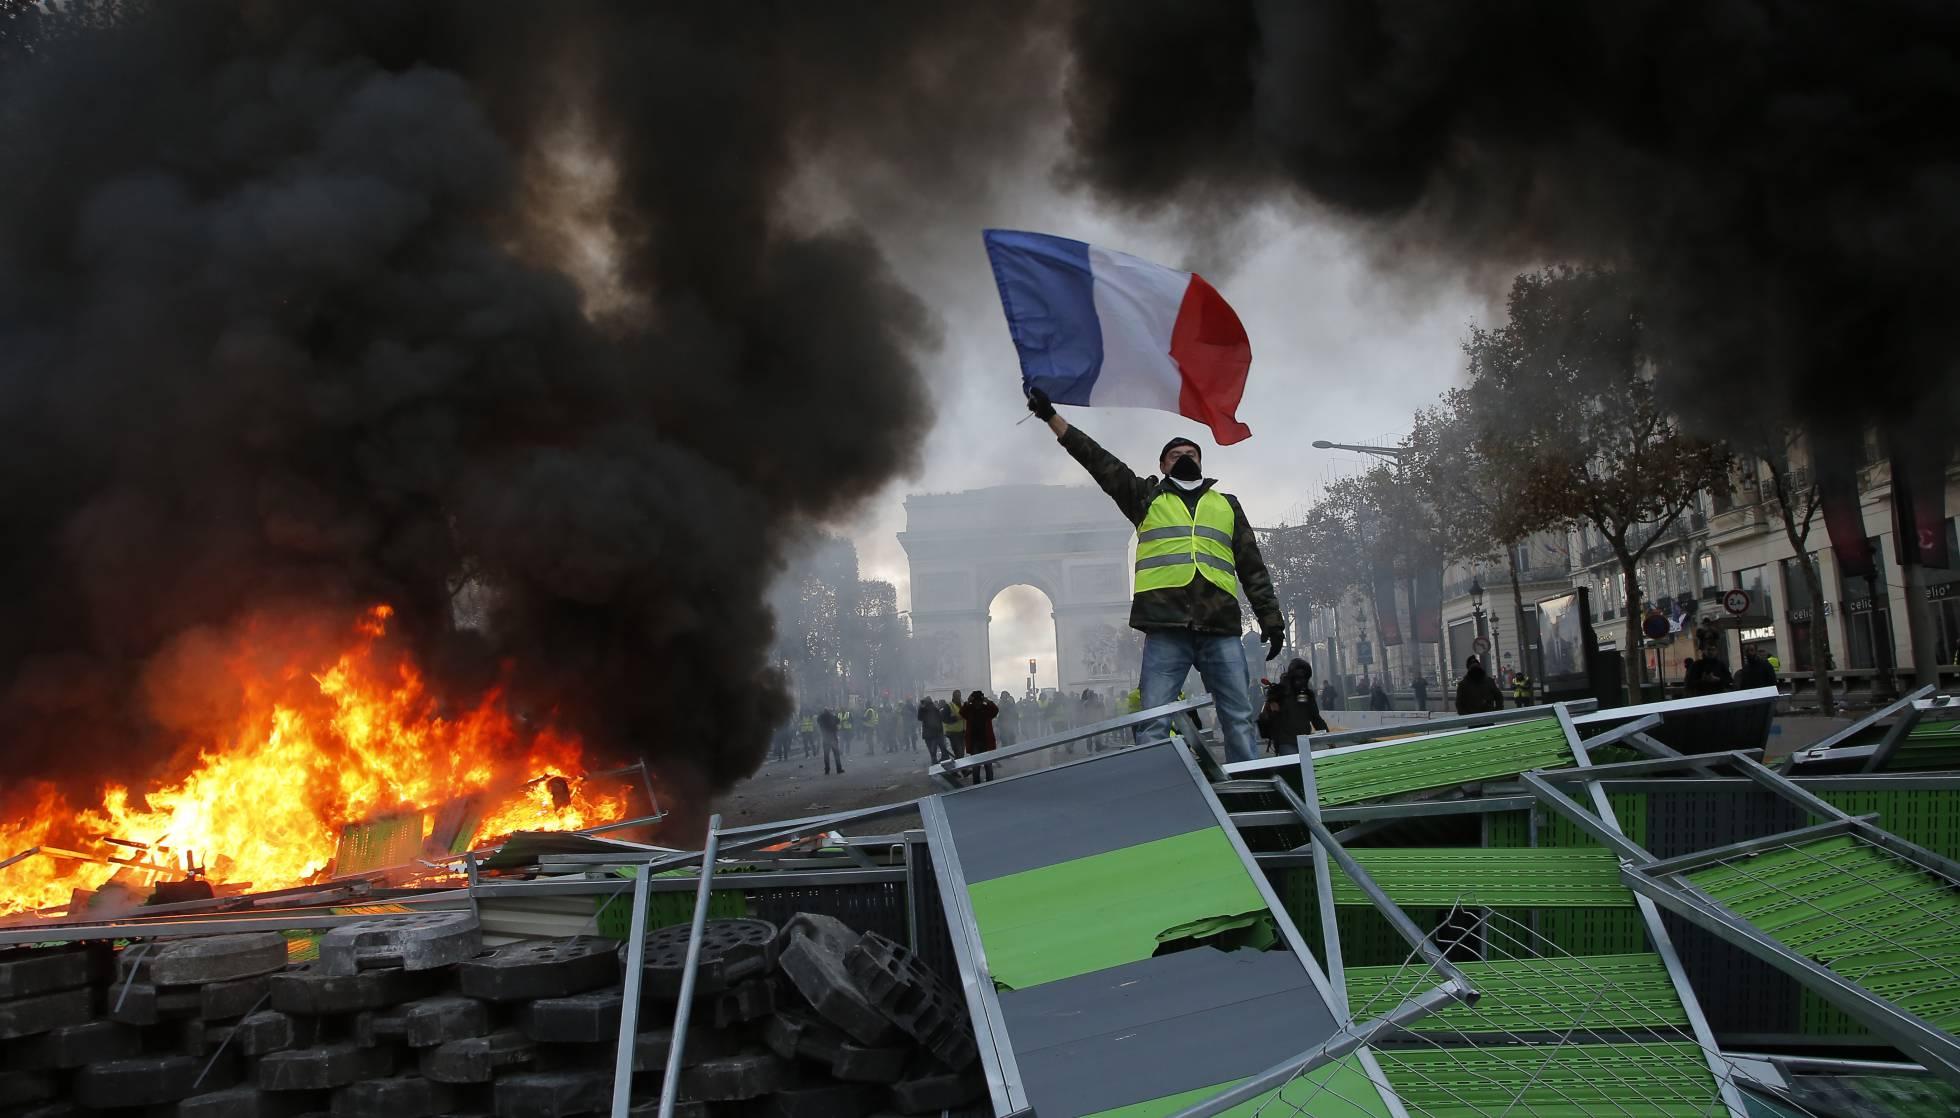 El descontento se viste de «chalecos amarillos» y estalla en la cara de Macron